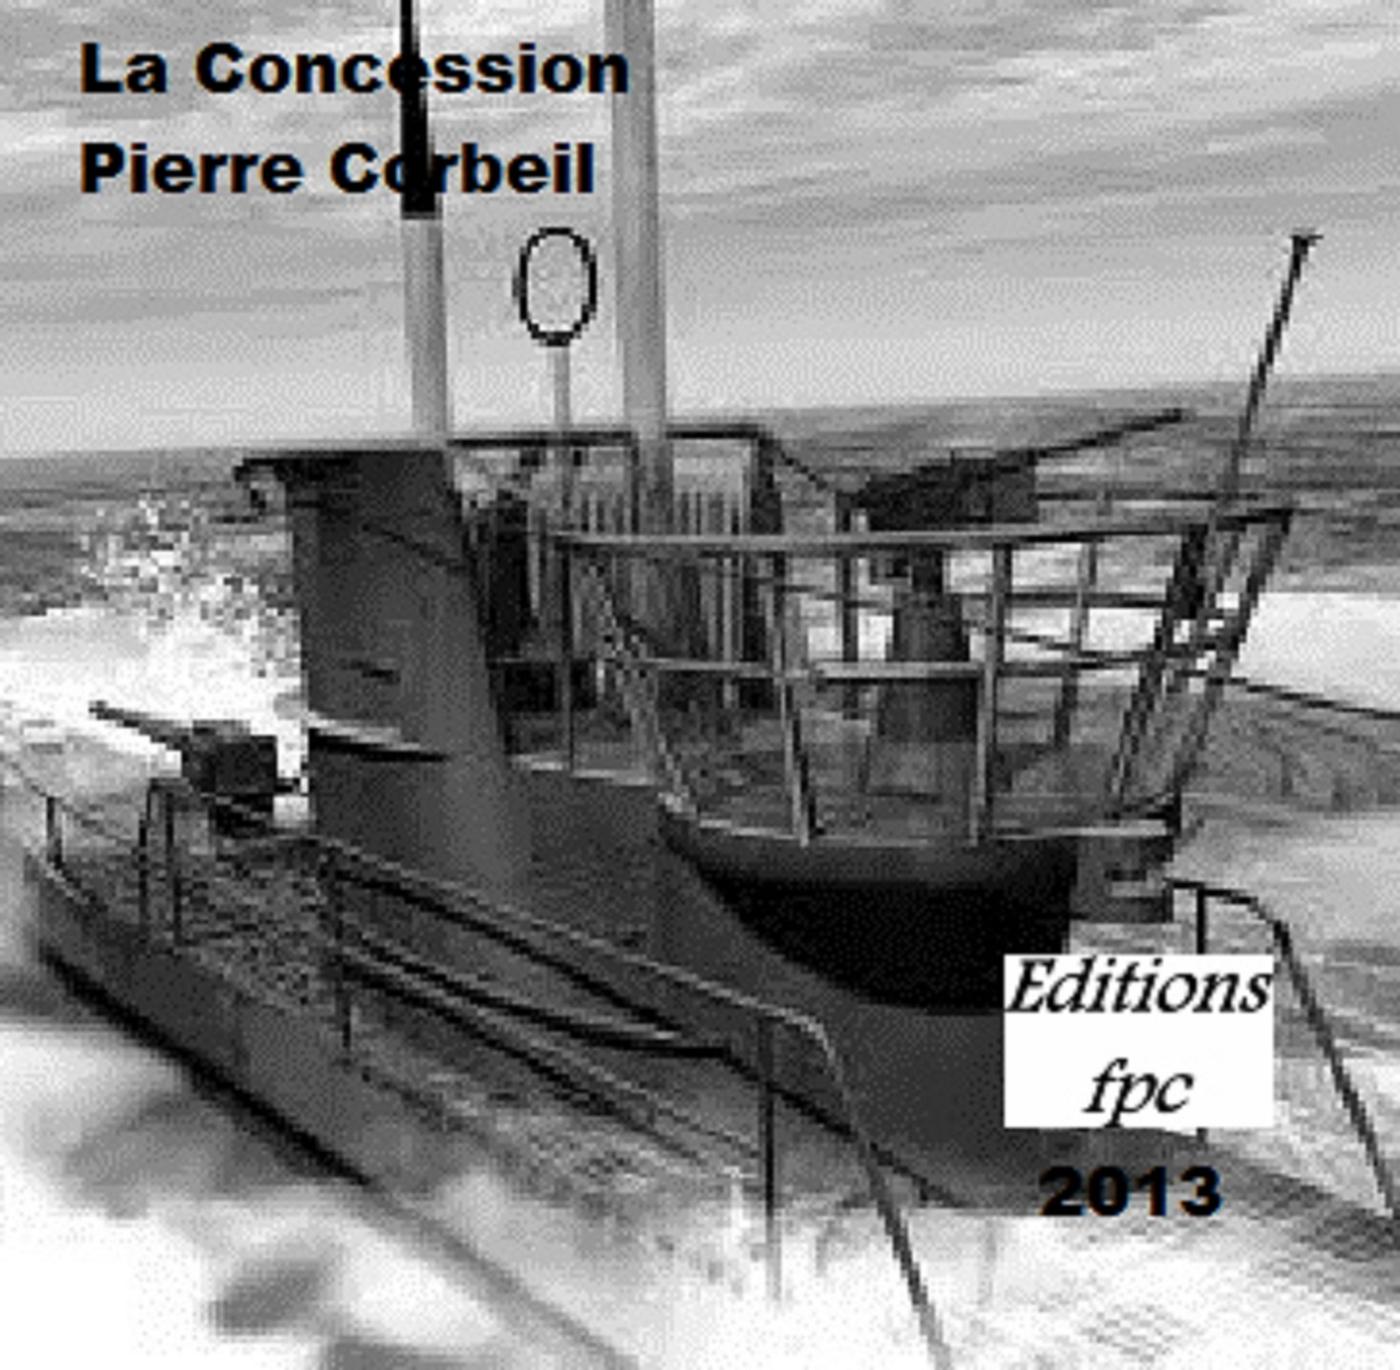 Concession La